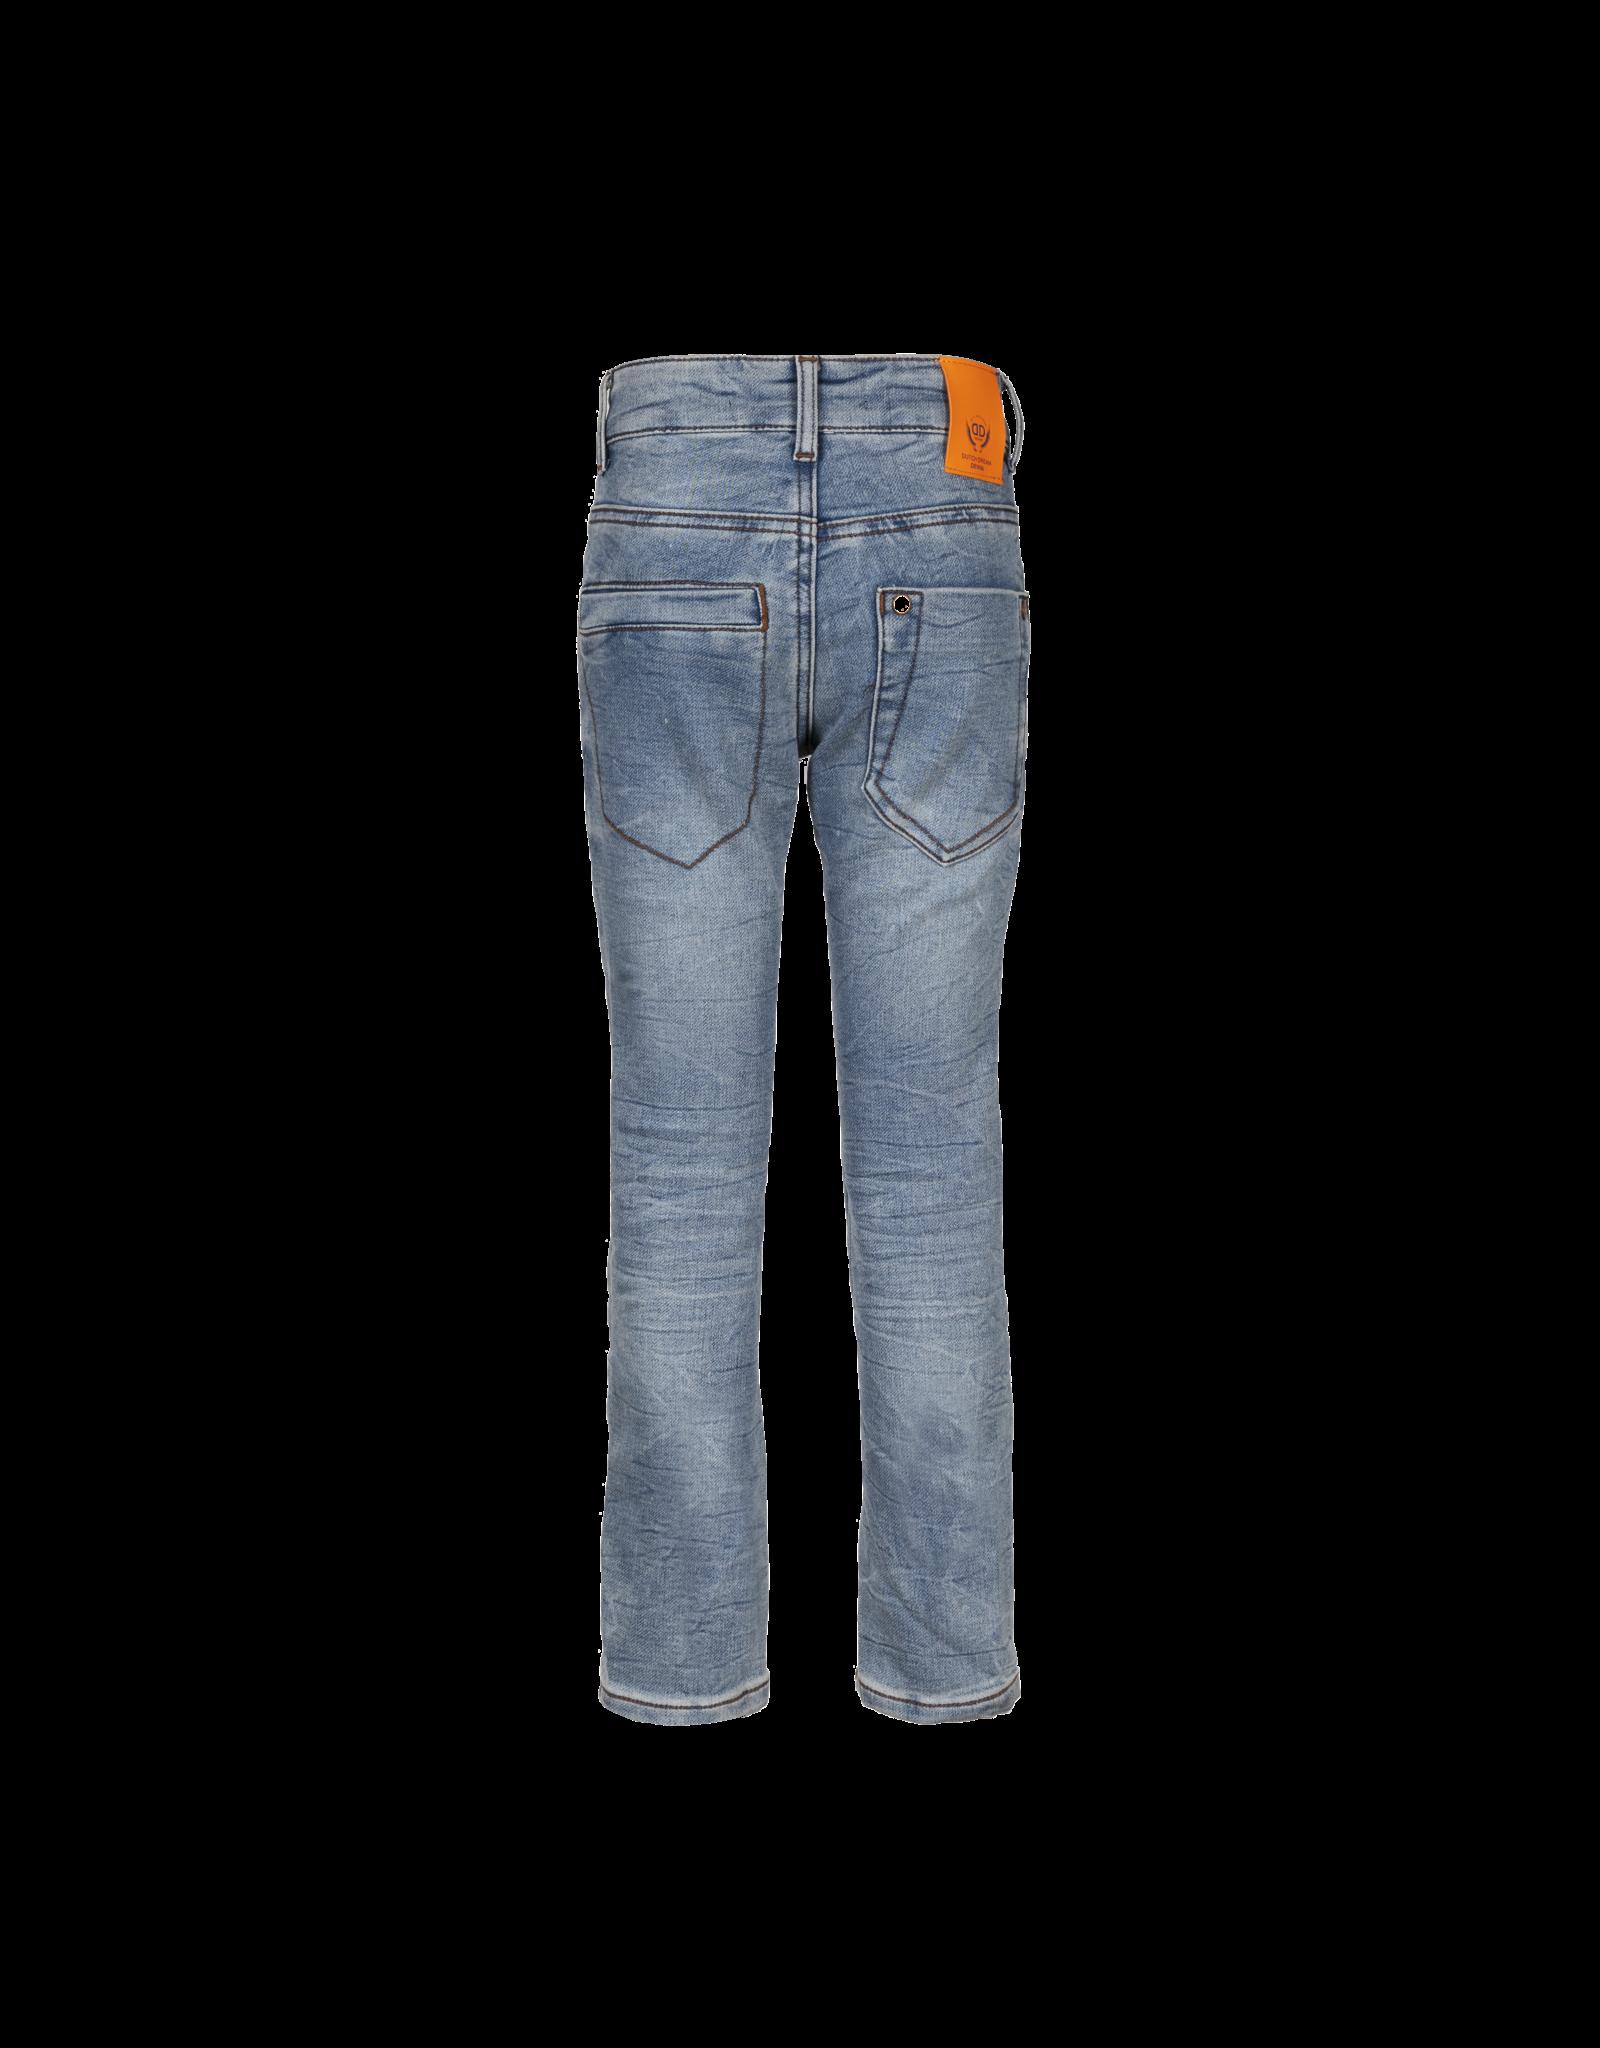 Dutch dream denim PELEKA, SLIM FIT jogg jeans  met dubbele laag stof op de knieën